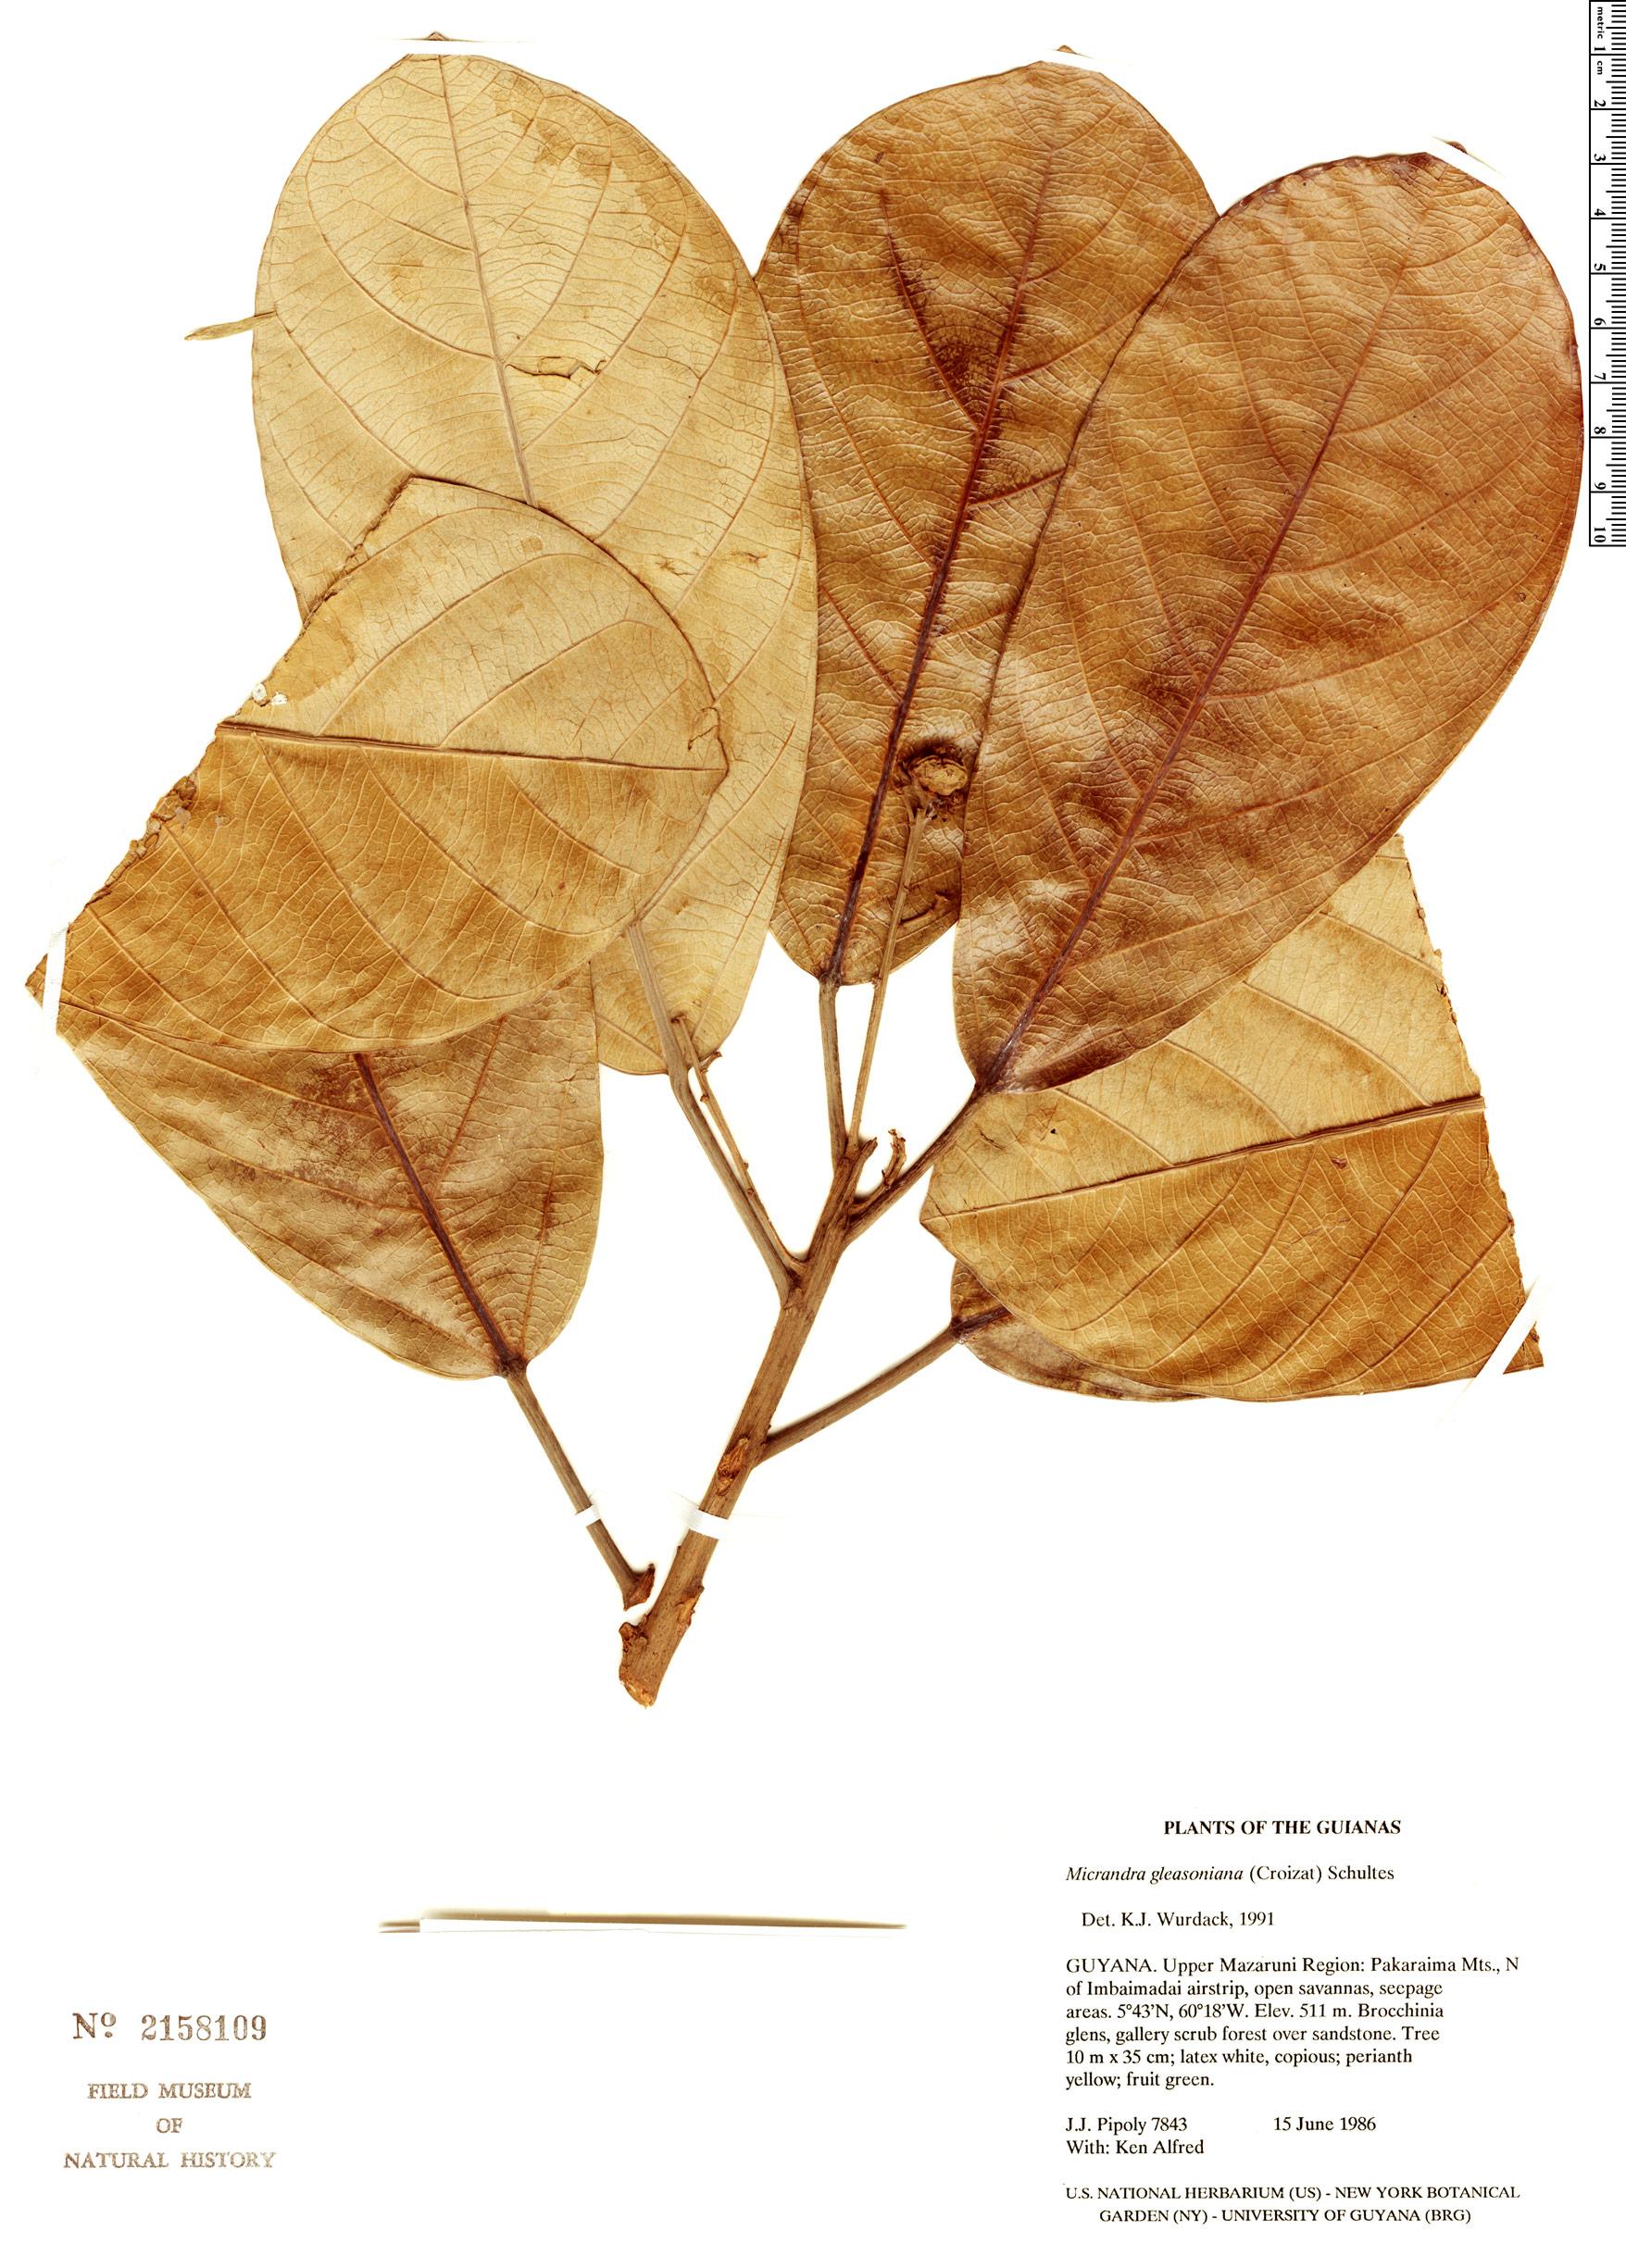 Specimen: Micrandra gleasoniana